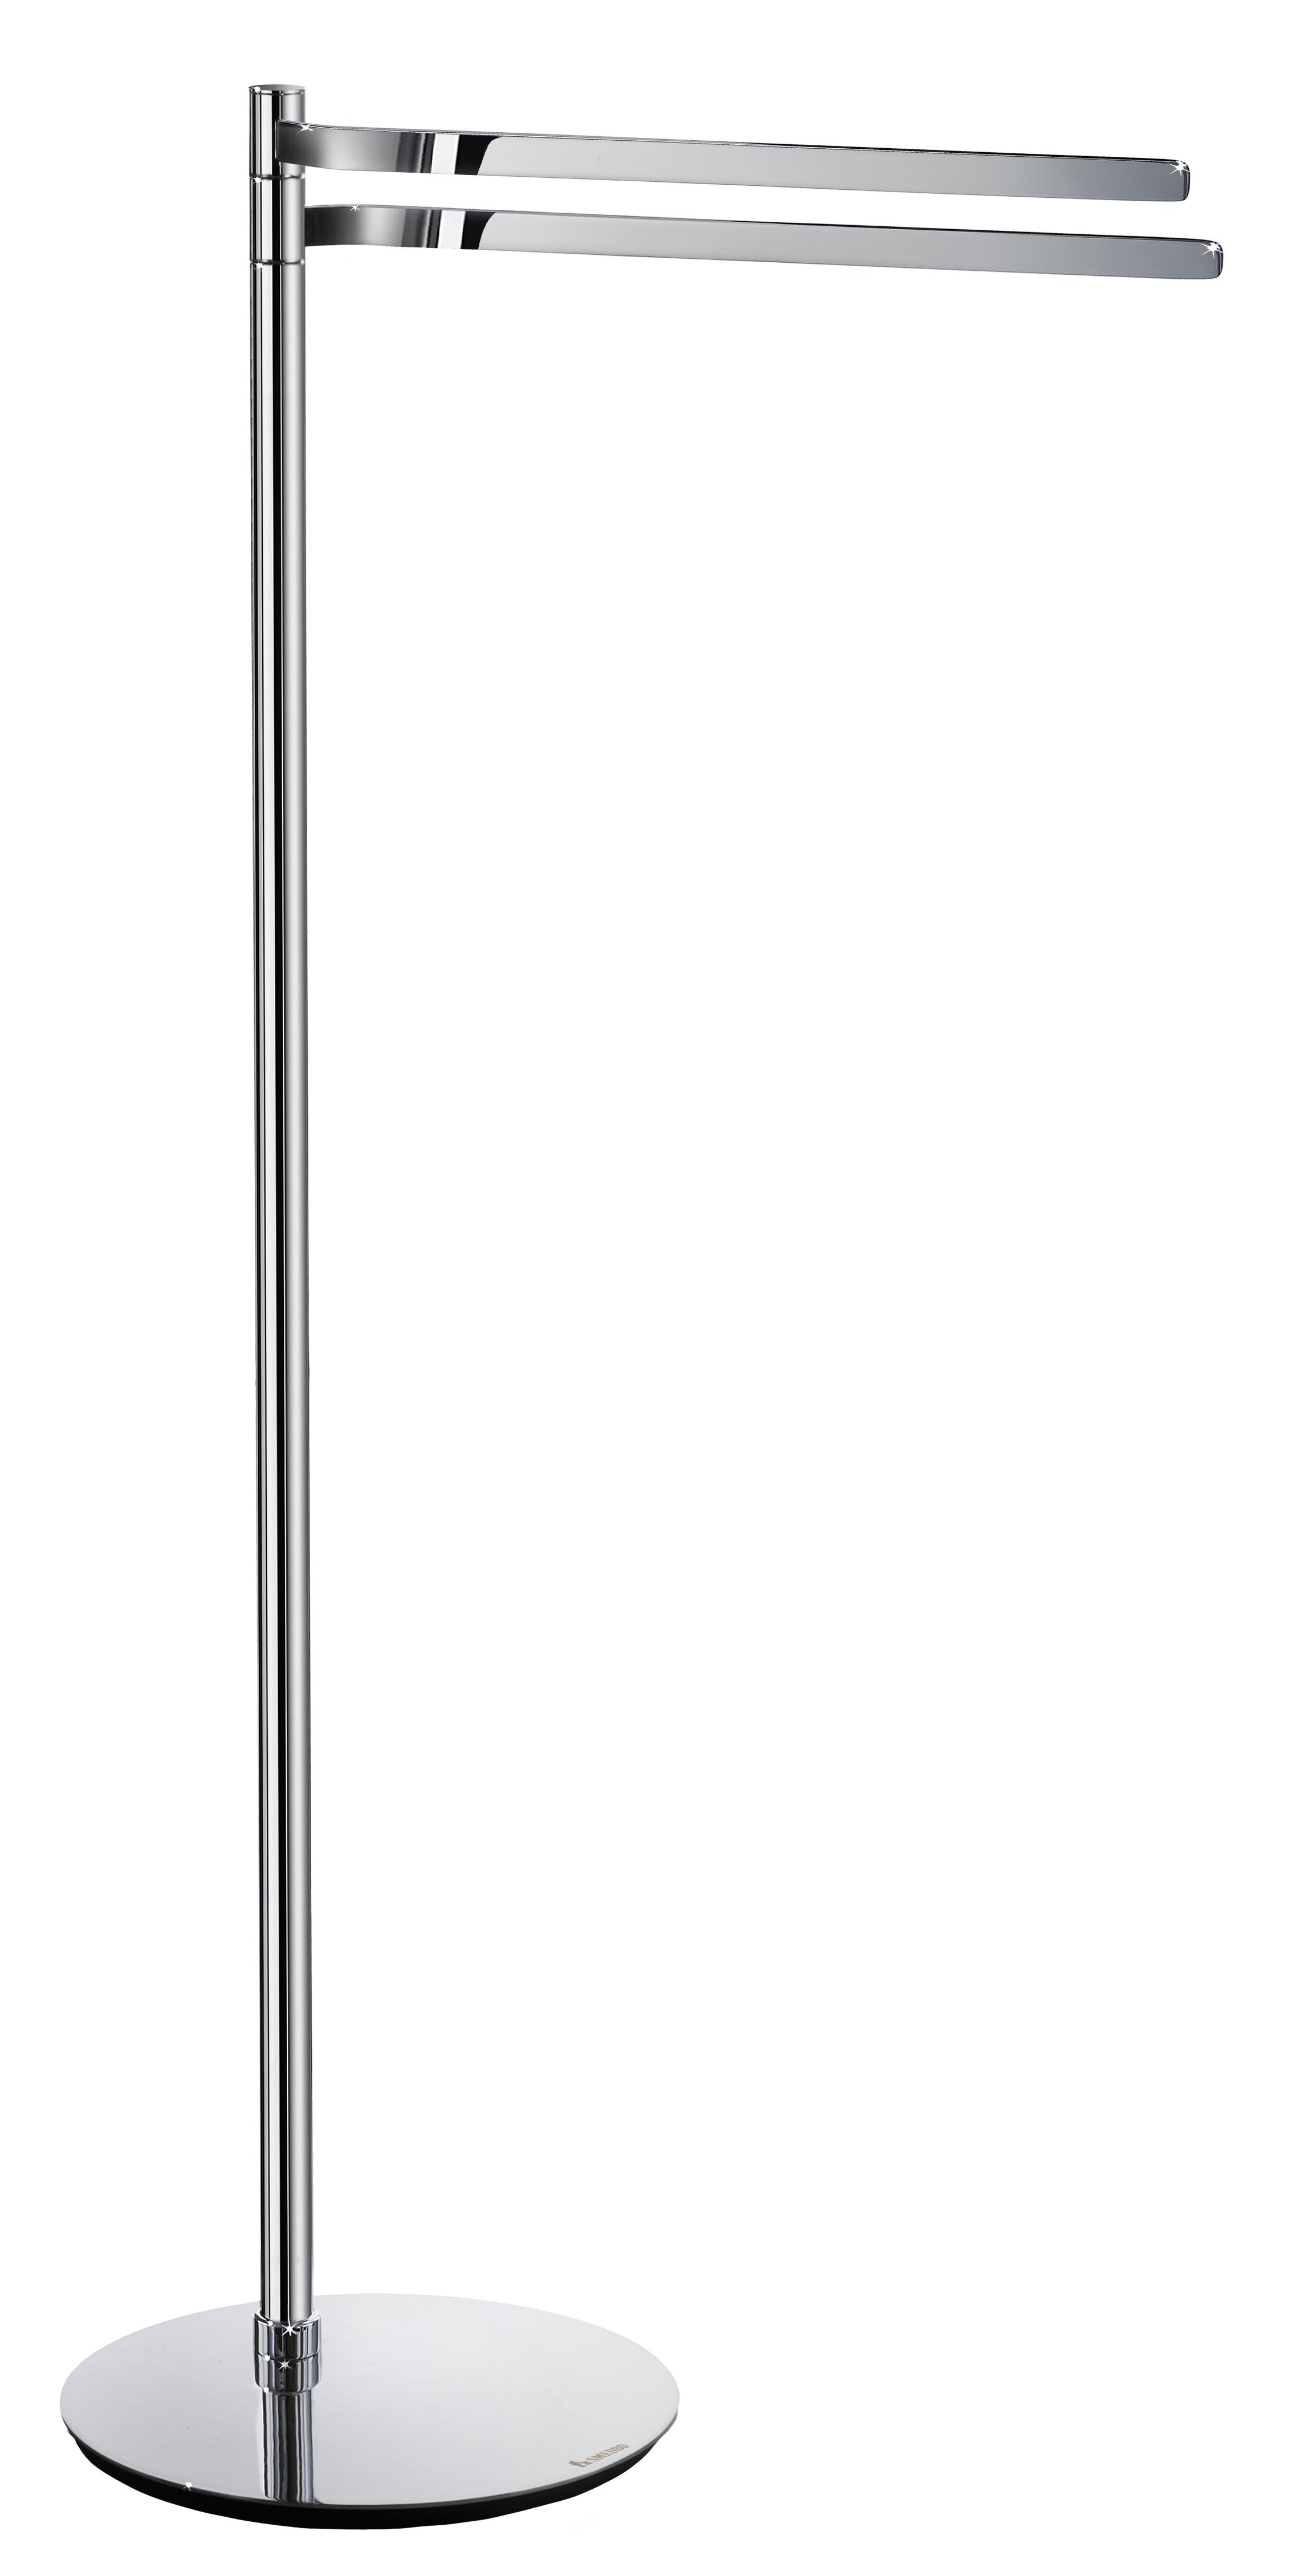 SMEDBO Outline Schwenkbare Handtuchstange, rund